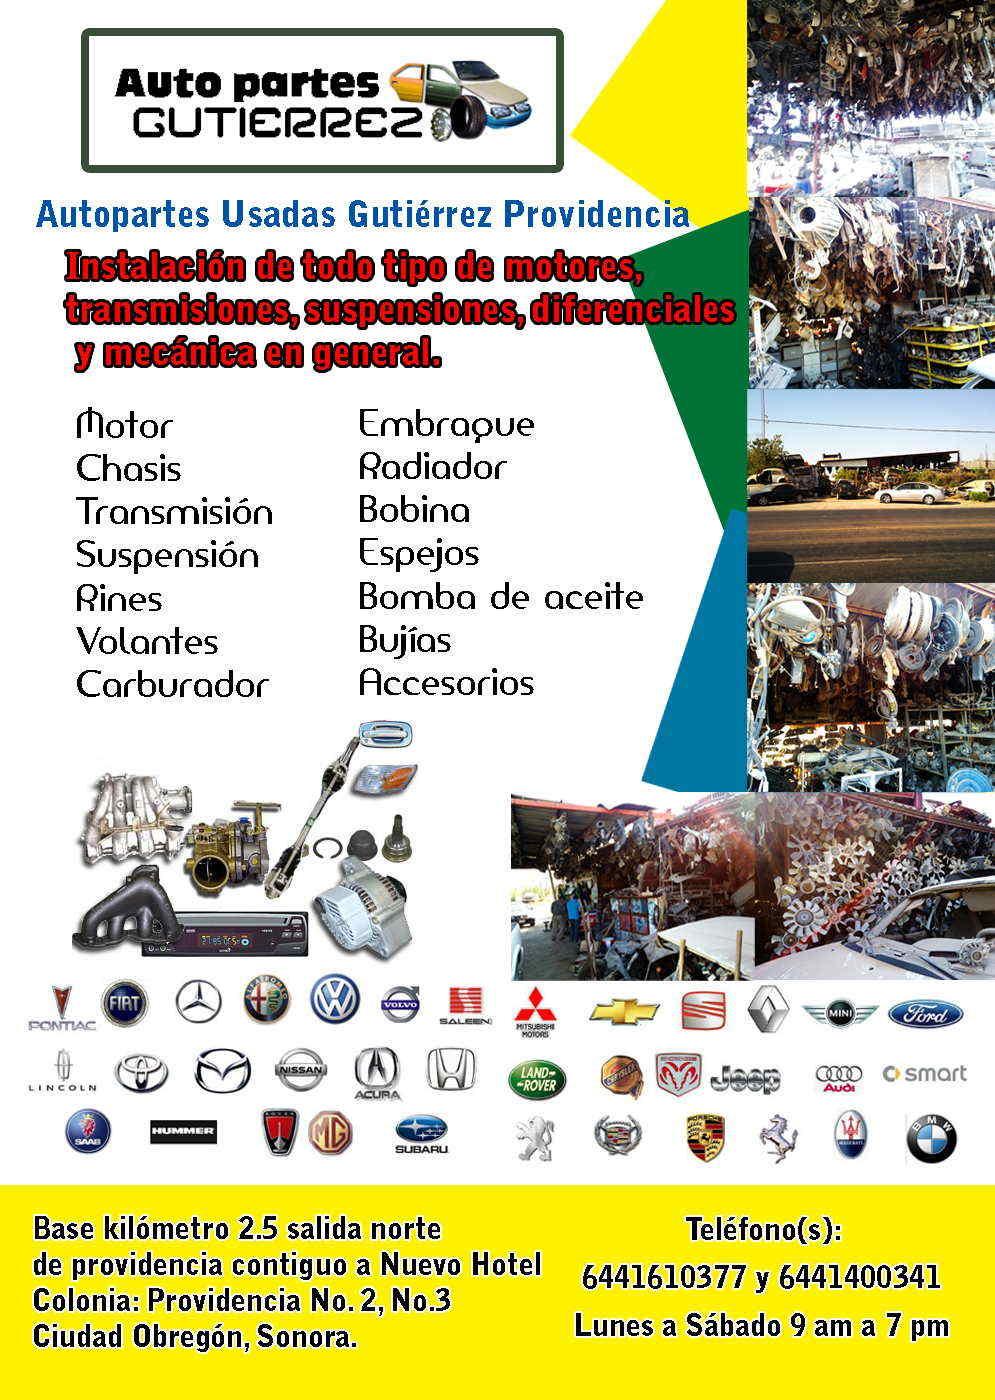 Autopartes Usadas Gutiérrez Providencia-Instalación de todo tipo de